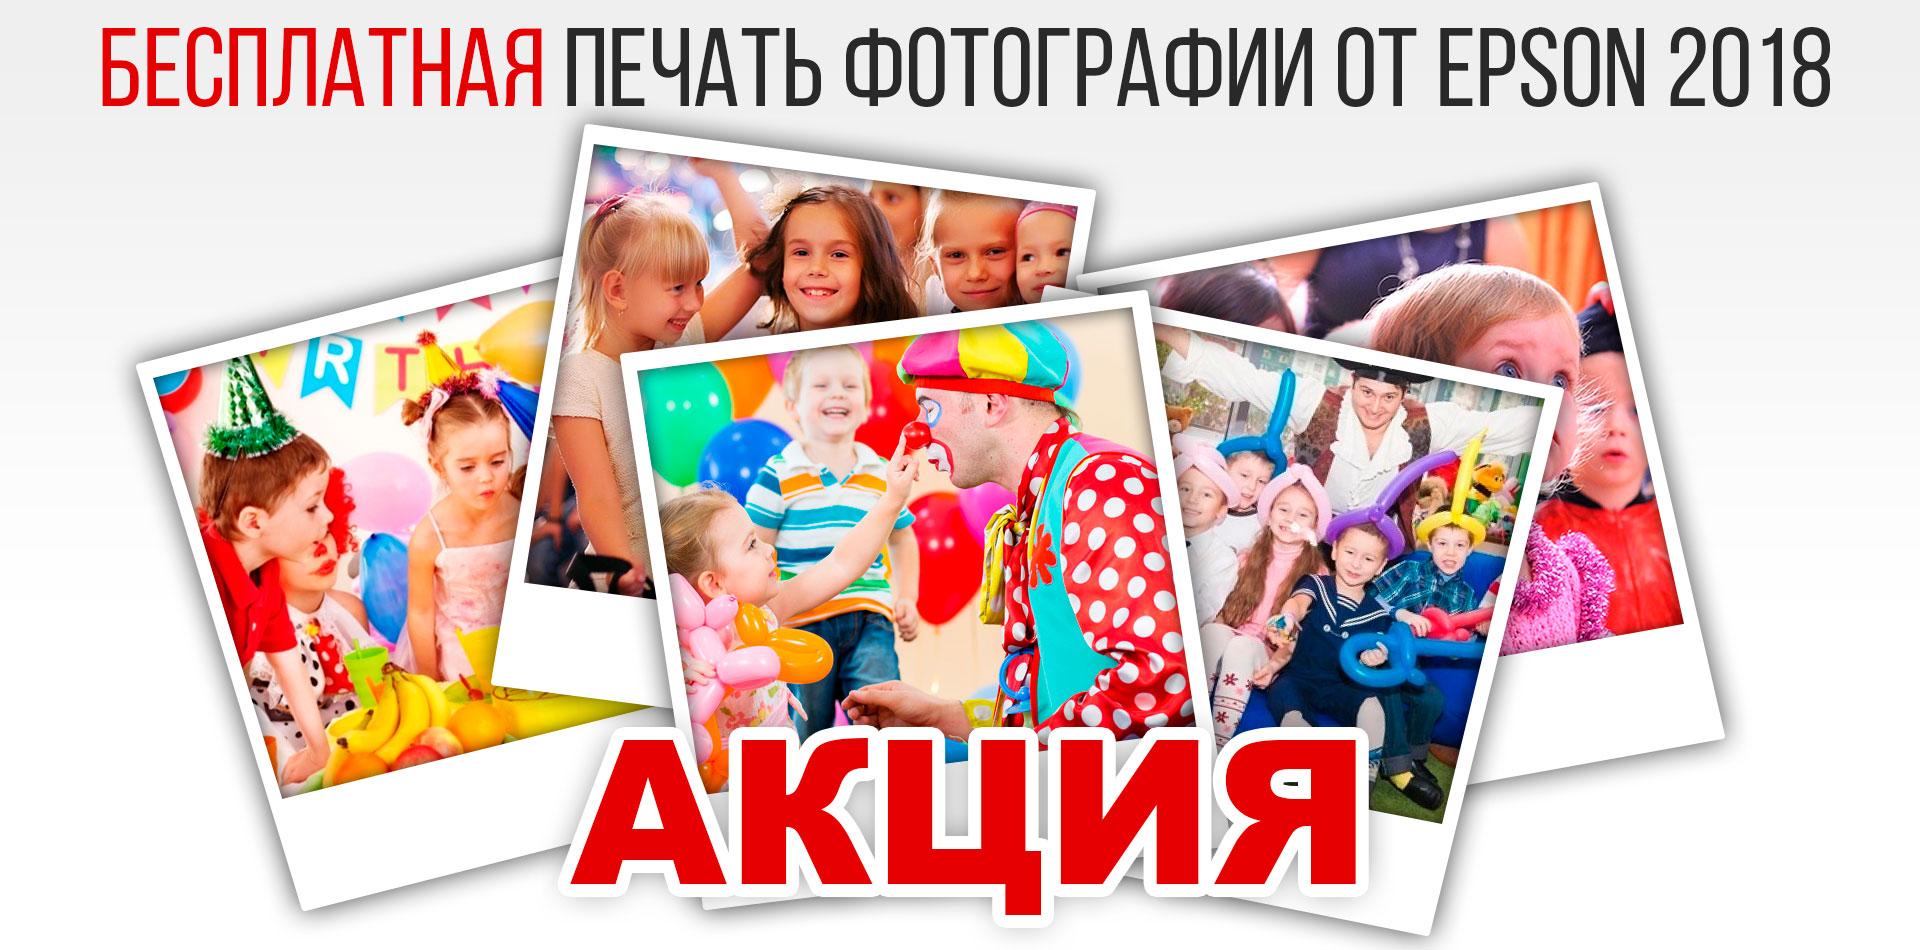 ПЕЧАТЬ ФОТОГРАФИЙ В АСТАНЕ!